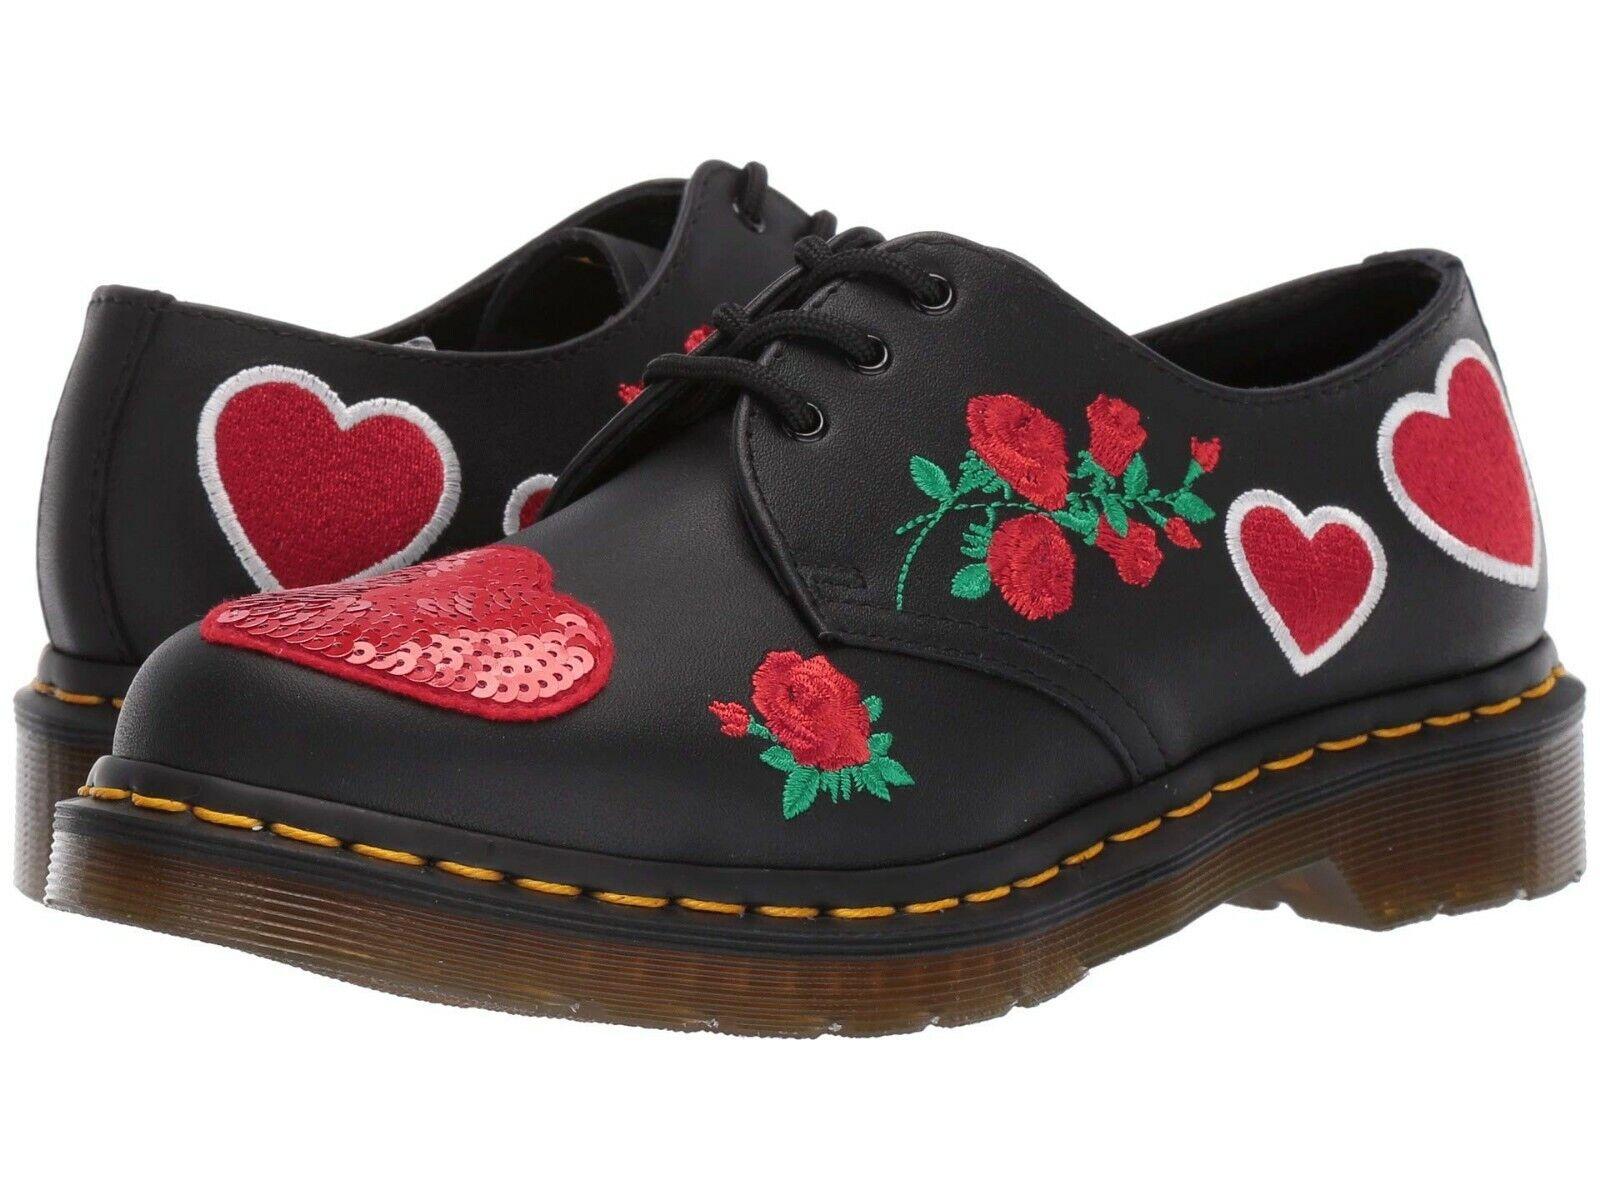 spedizione veloce a te Donna  scarpe scarpe scarpe Dr. Martens 1461 SEQUIN HEARTS Leather Oxfords 24414001 nero  centro commerciale online integrato professionale